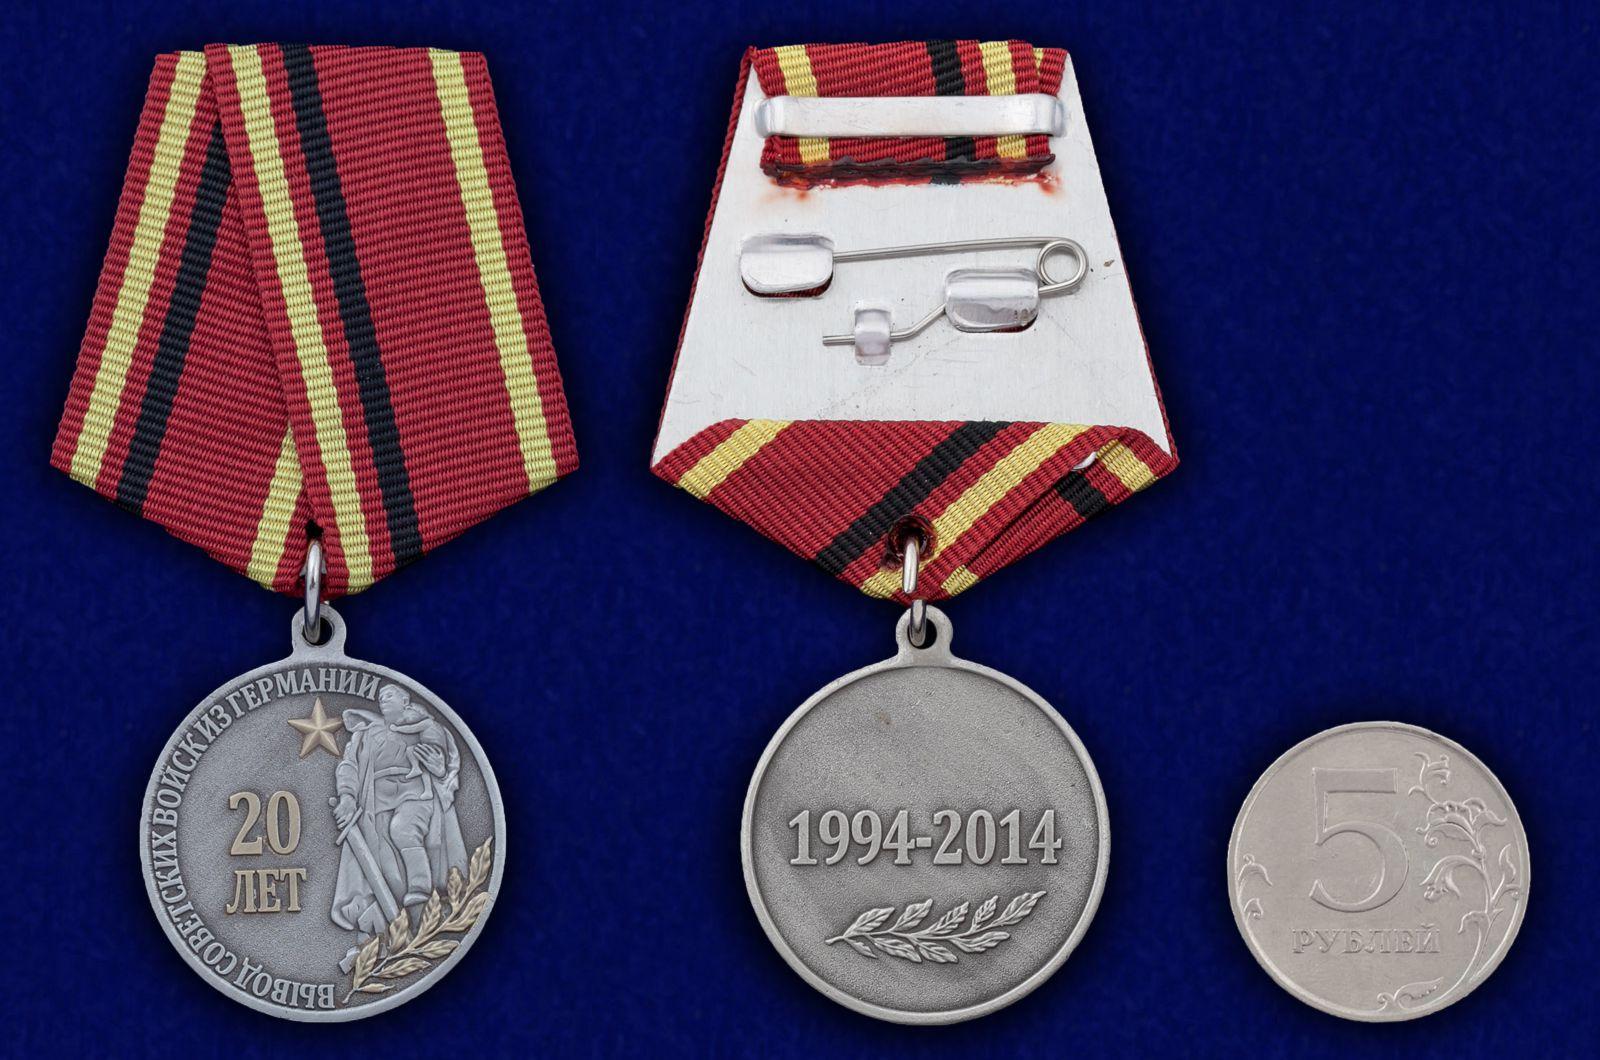 Медаль 20 лет Вывода советских войск из Германии - сравнительный вид